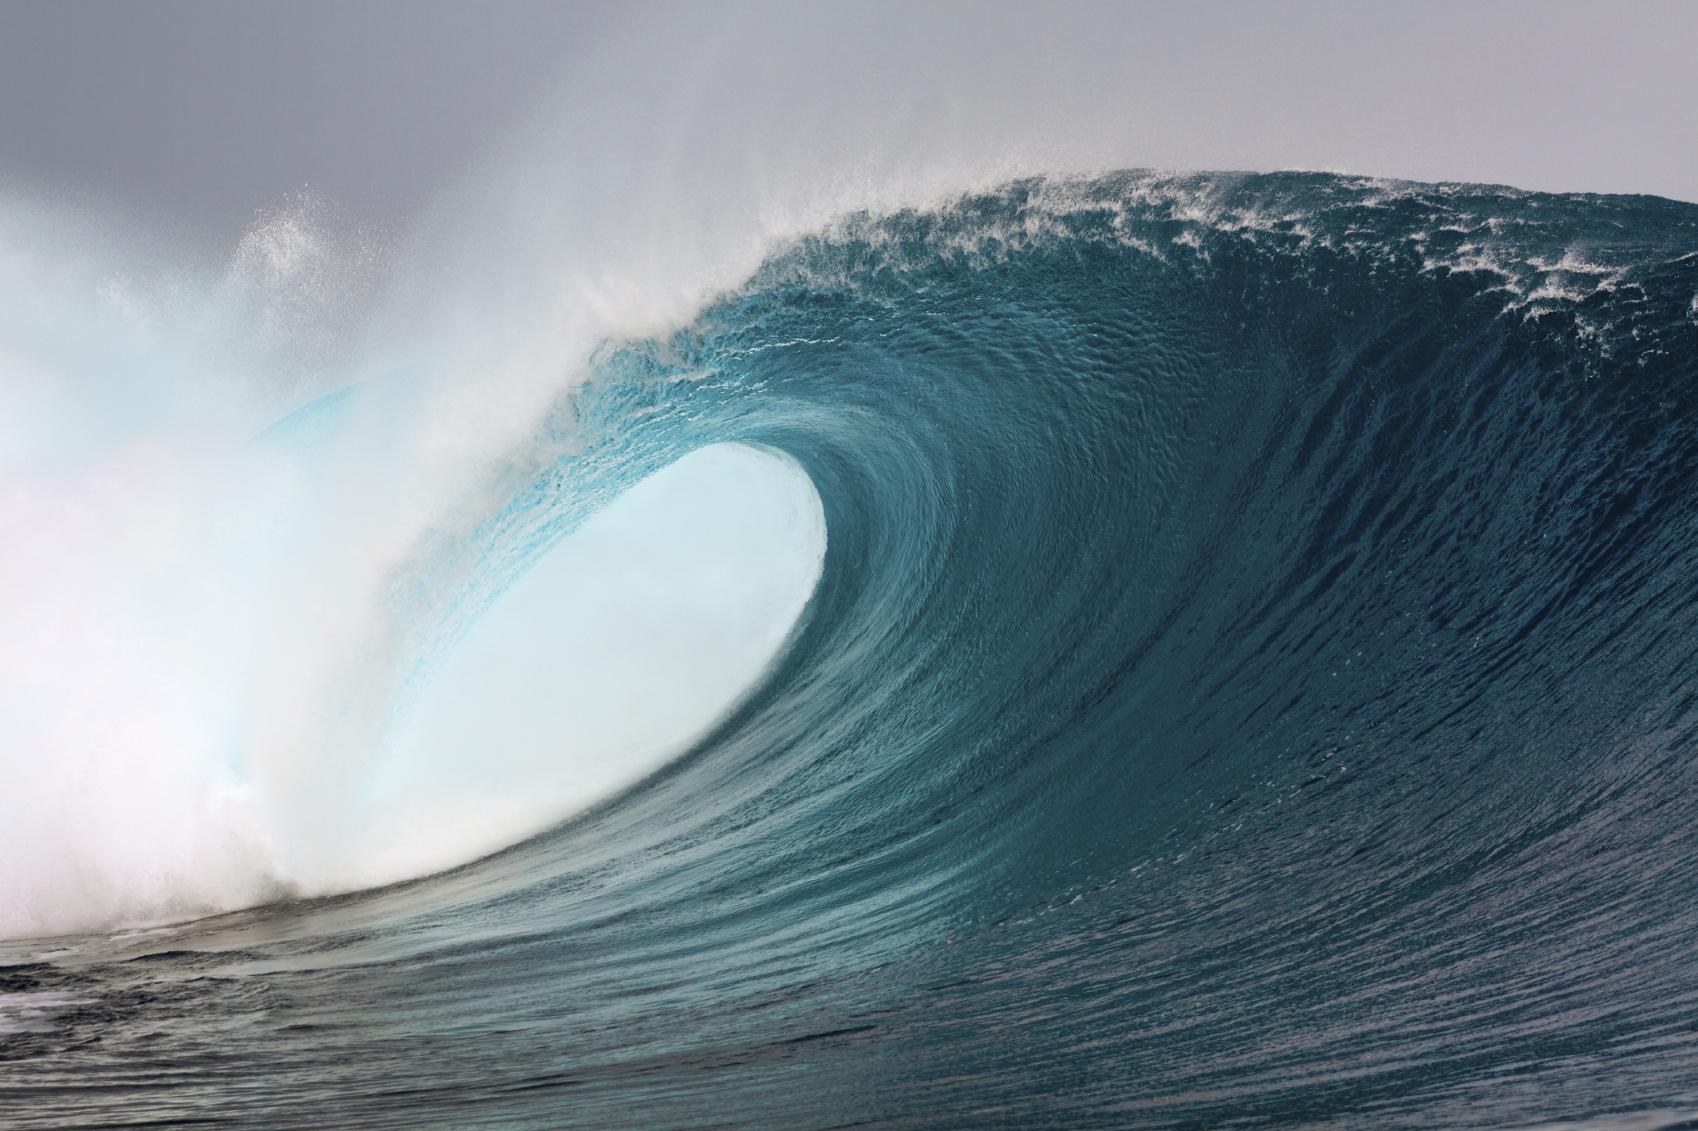 Las olas con la marea del siglo tendrán alturas superiores a los 4,45 metros